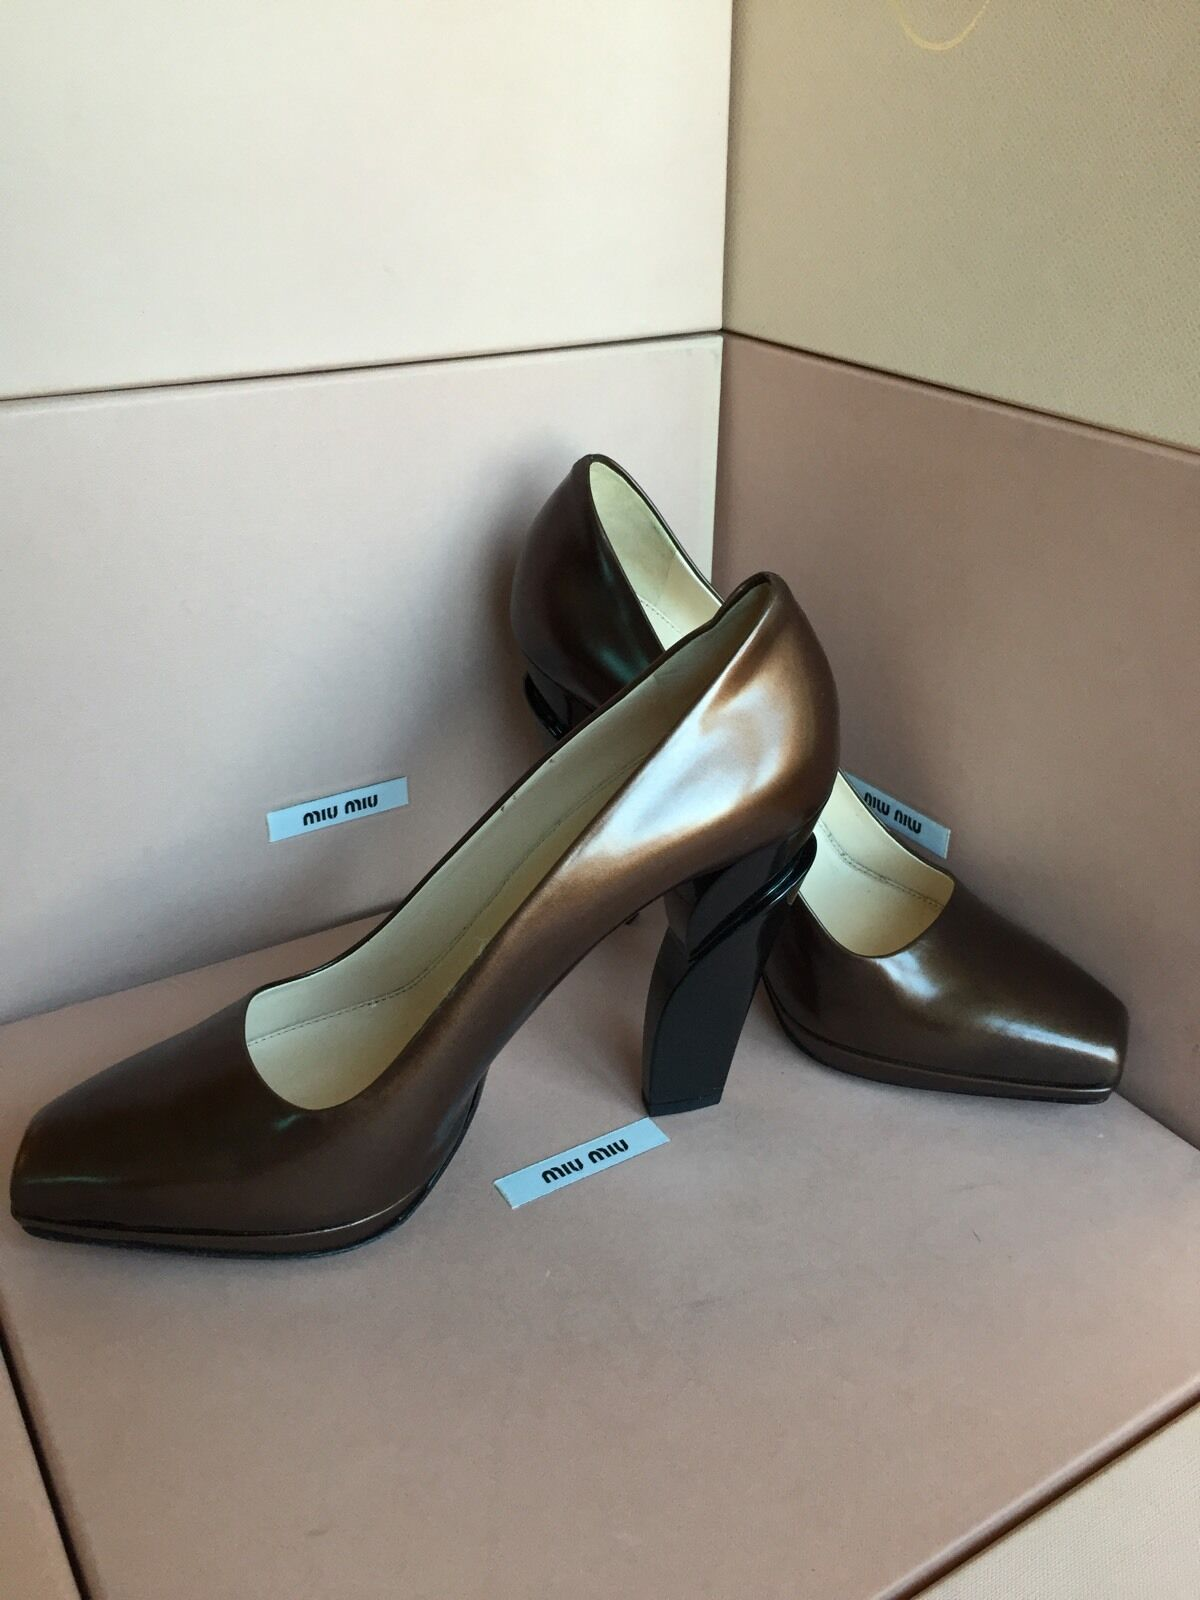 New PRADA Brown Heels Platform High Heels Brown Size 39.5 9.5 Women's Shoes 595d57